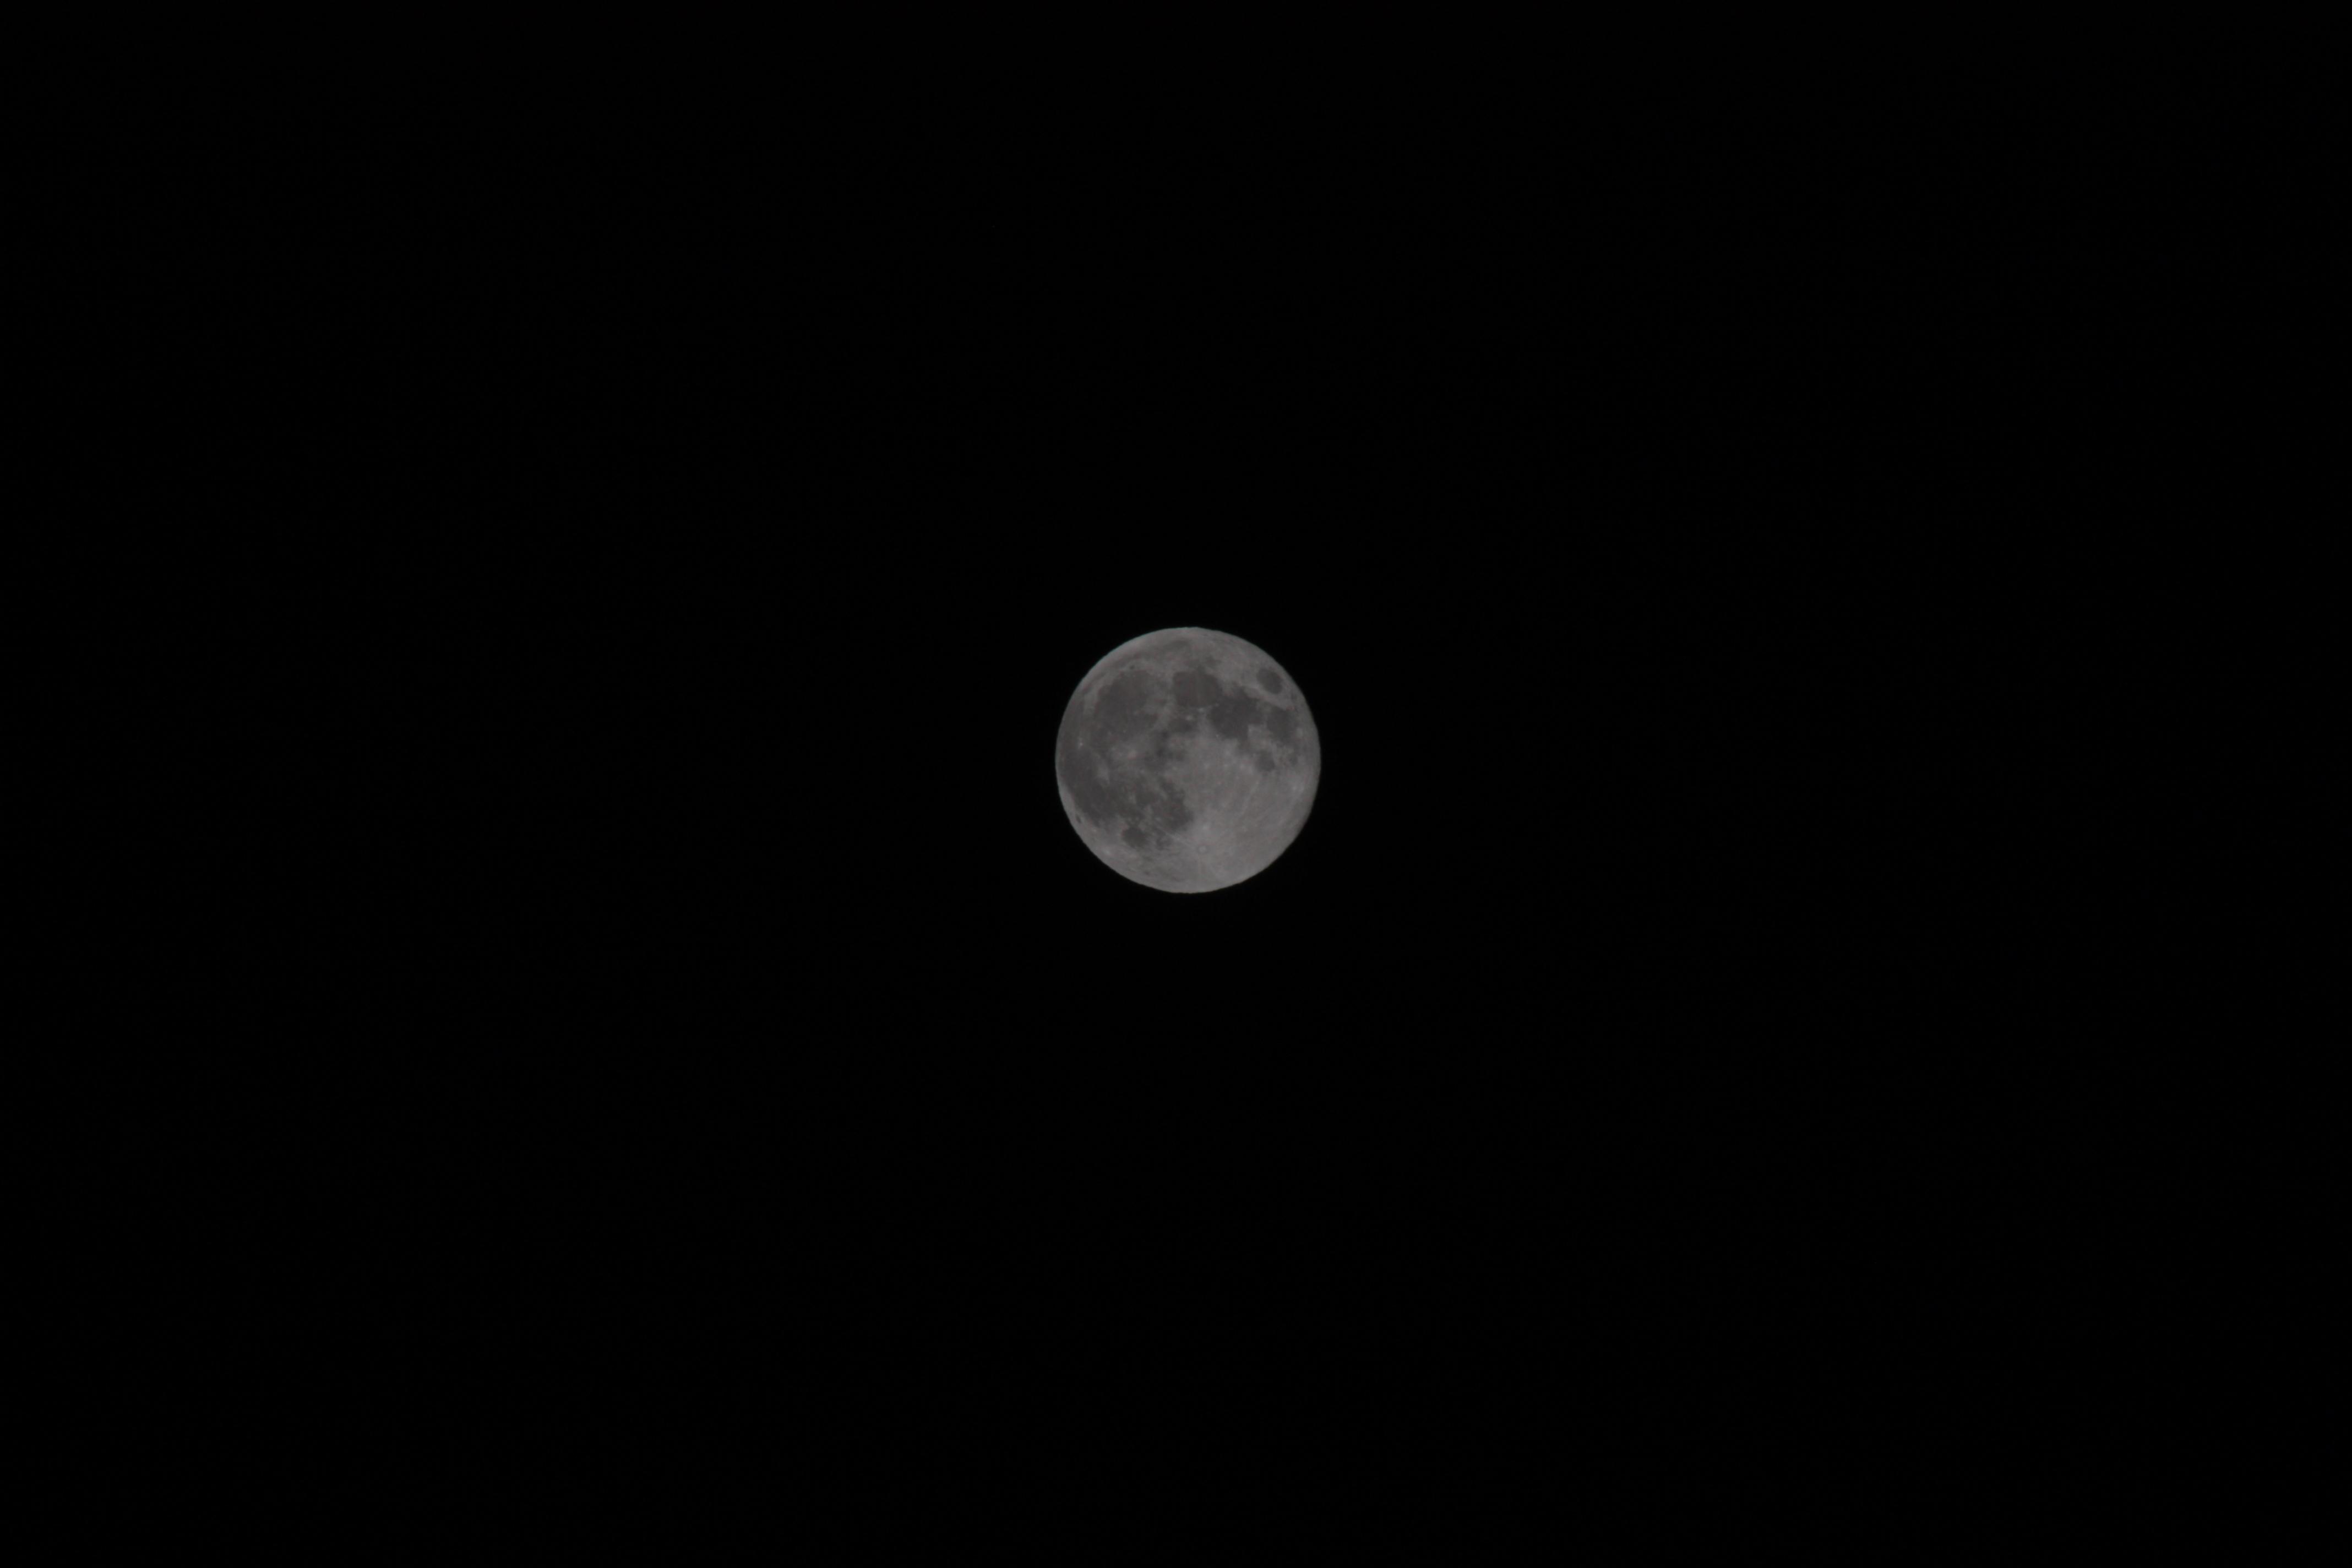 300mm焦距下的月亮|十五 18层楼顶摄影